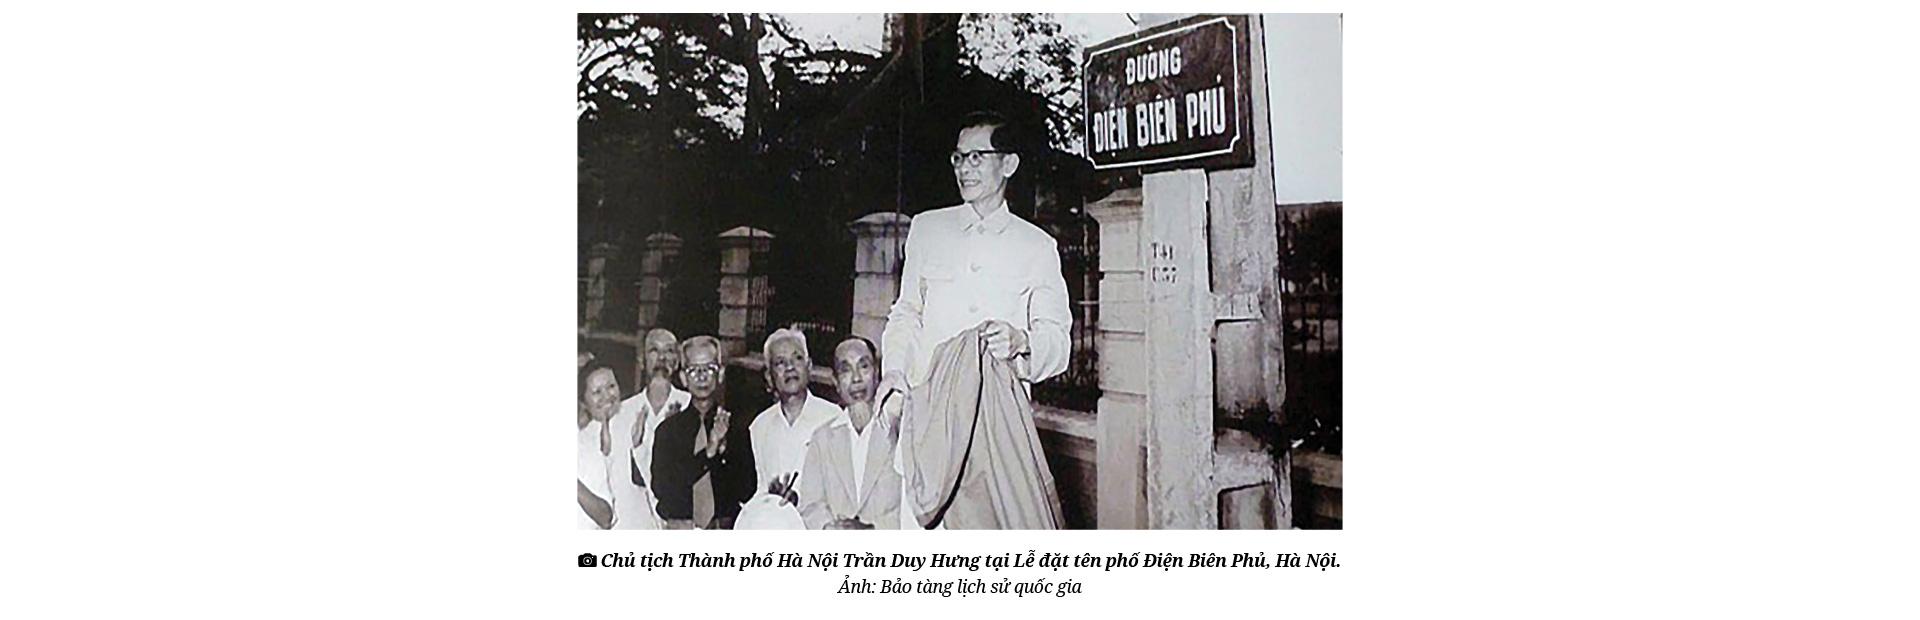 Bác sĩ Trần Duy Hưng – thị trưởng Hà Nội đầu tiên và lâu năm nhất - Ảnh 19.